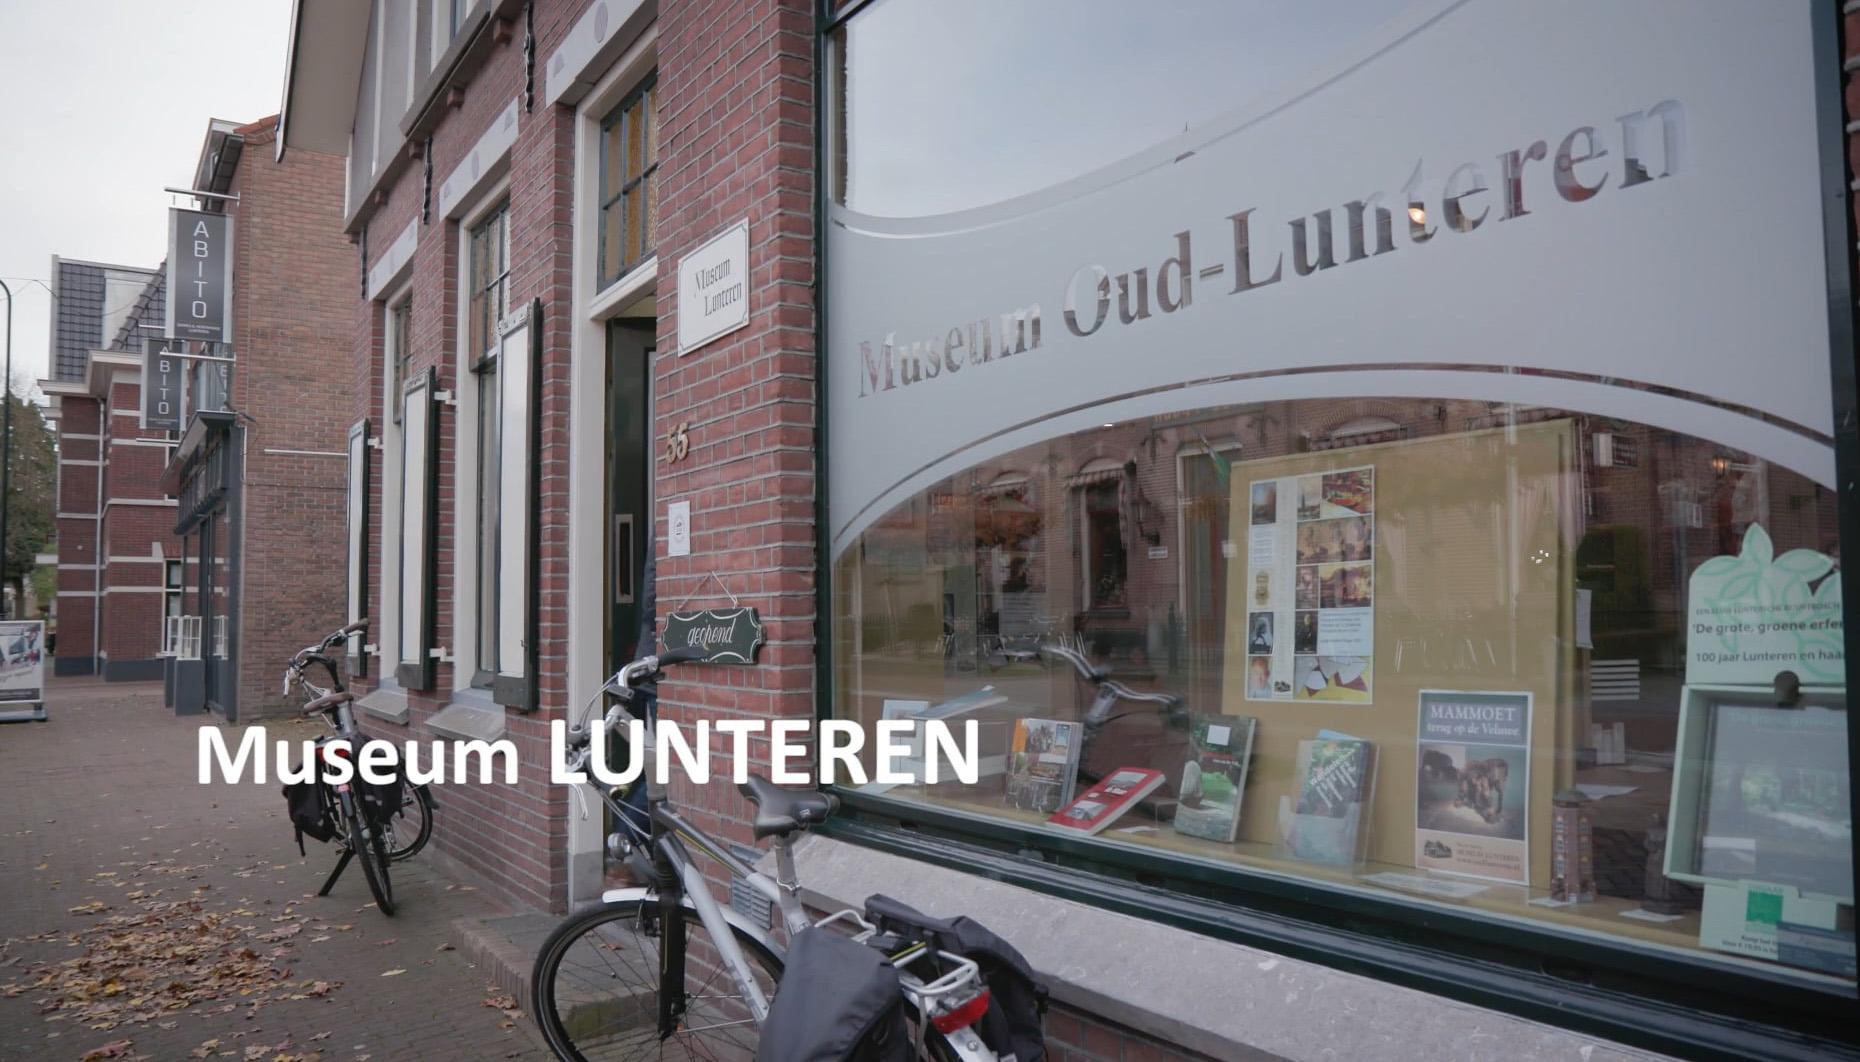 Museum Lunteren